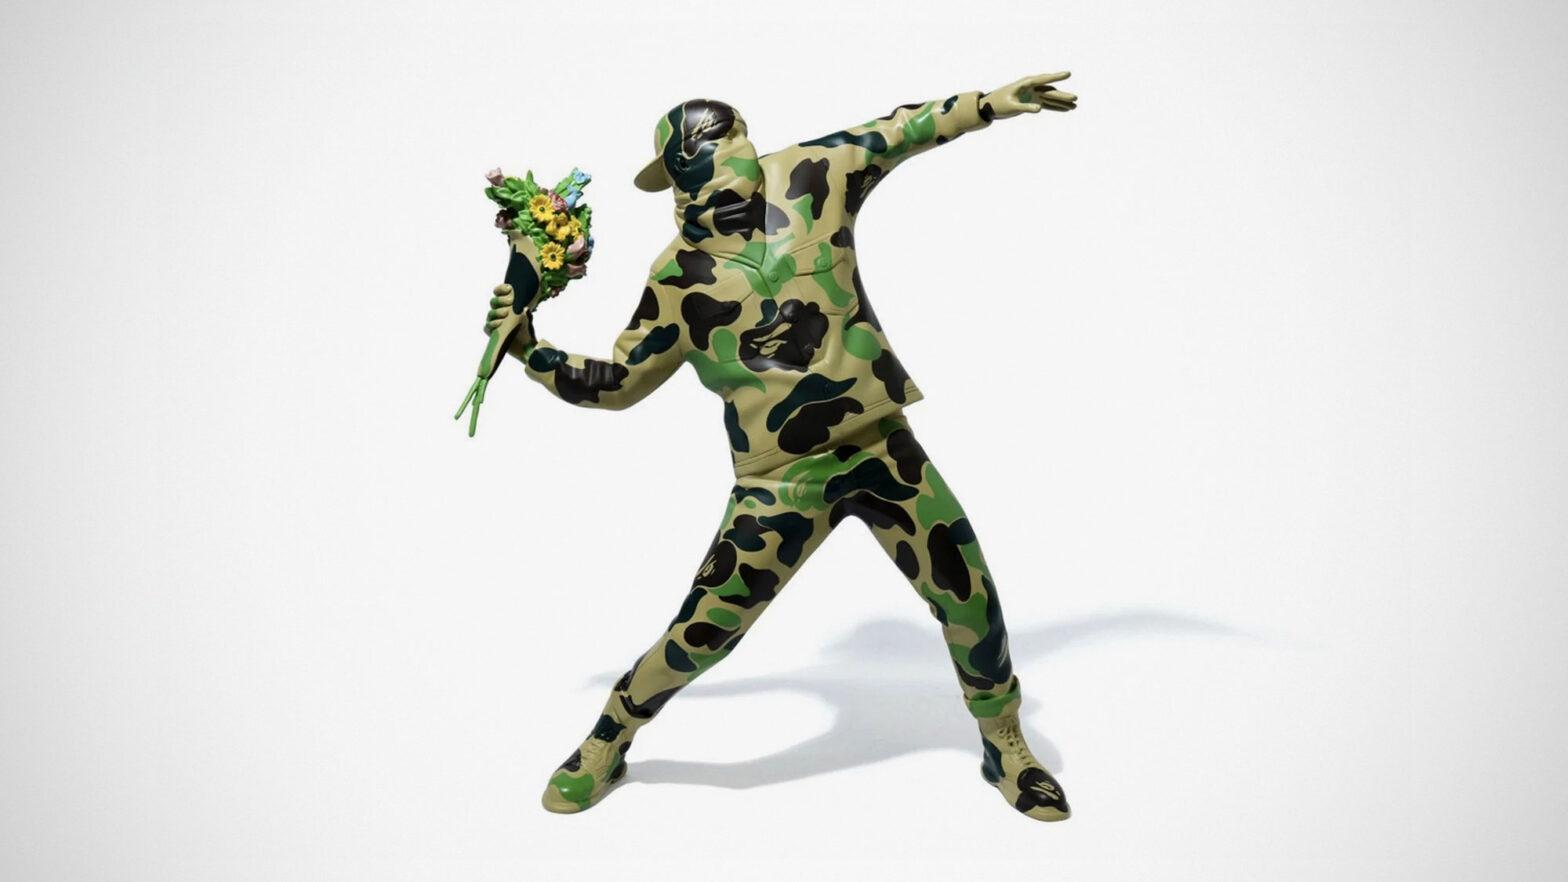 BAPE x Brandalism Banksy Flower Bomber Vinyl Figure